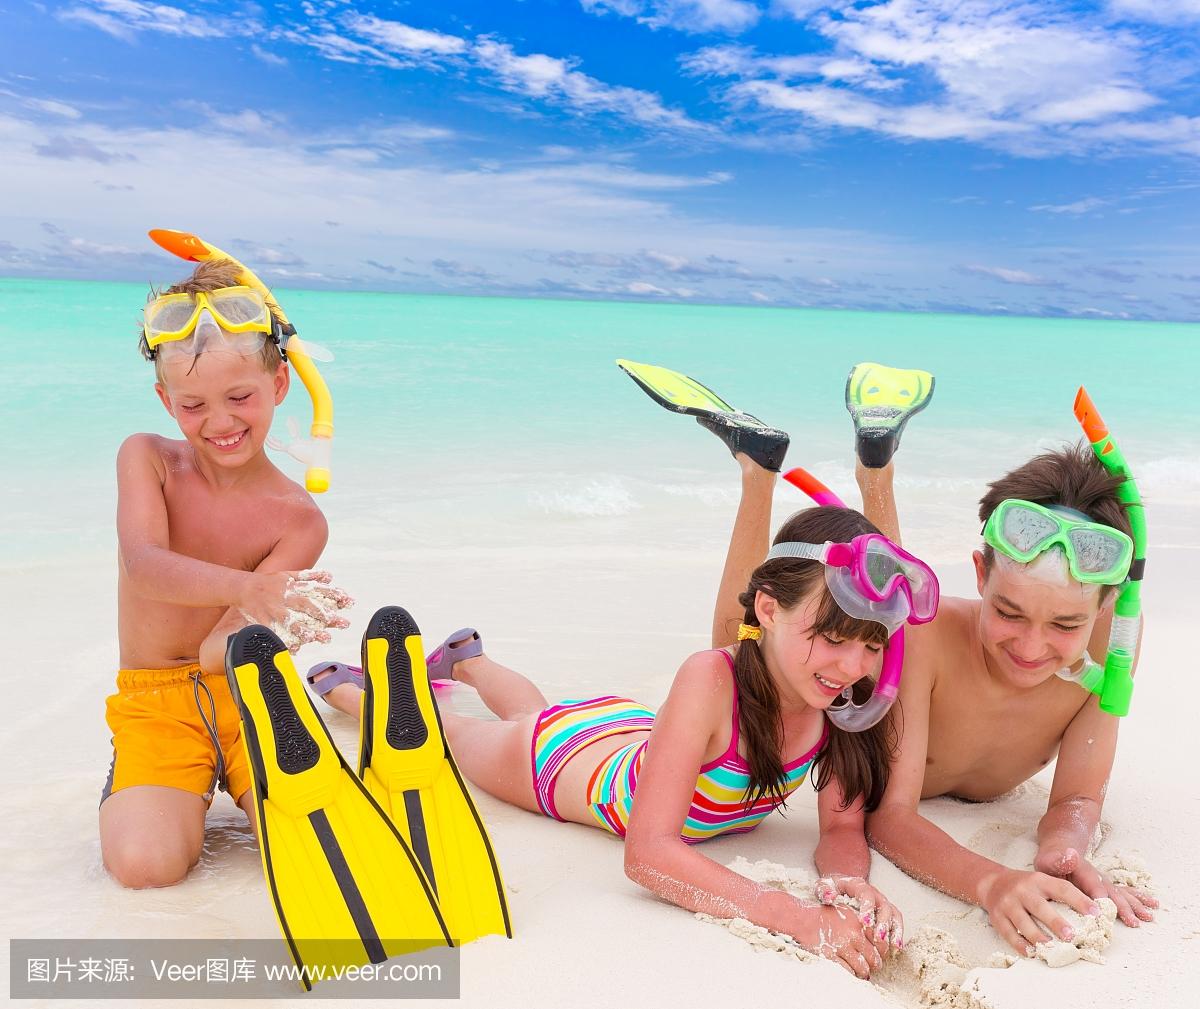 巴厘岛5晚6日游(南京直飞,暑期亲子,飞鸟公园,寻找科莫多龙,FINNS水上乐园嗨玩,德格拉朗探险俱乐部,蓝梦出海,体验传统服饰